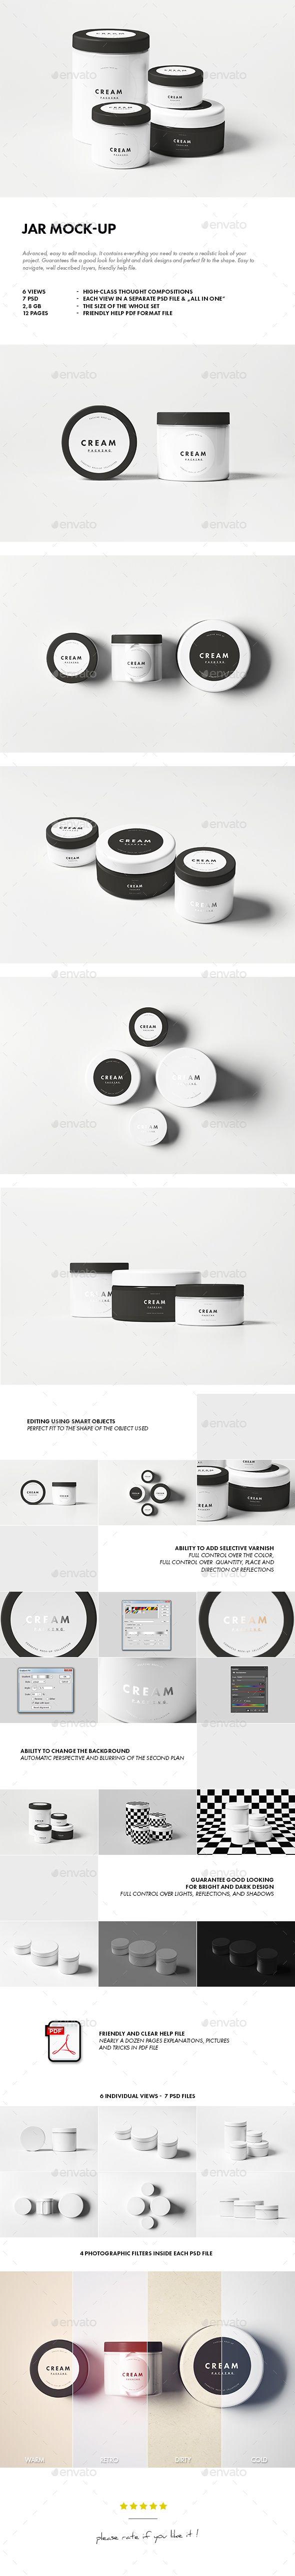 Jar Mock-up - Beauty Packaging                                                                                                                                                                                 More